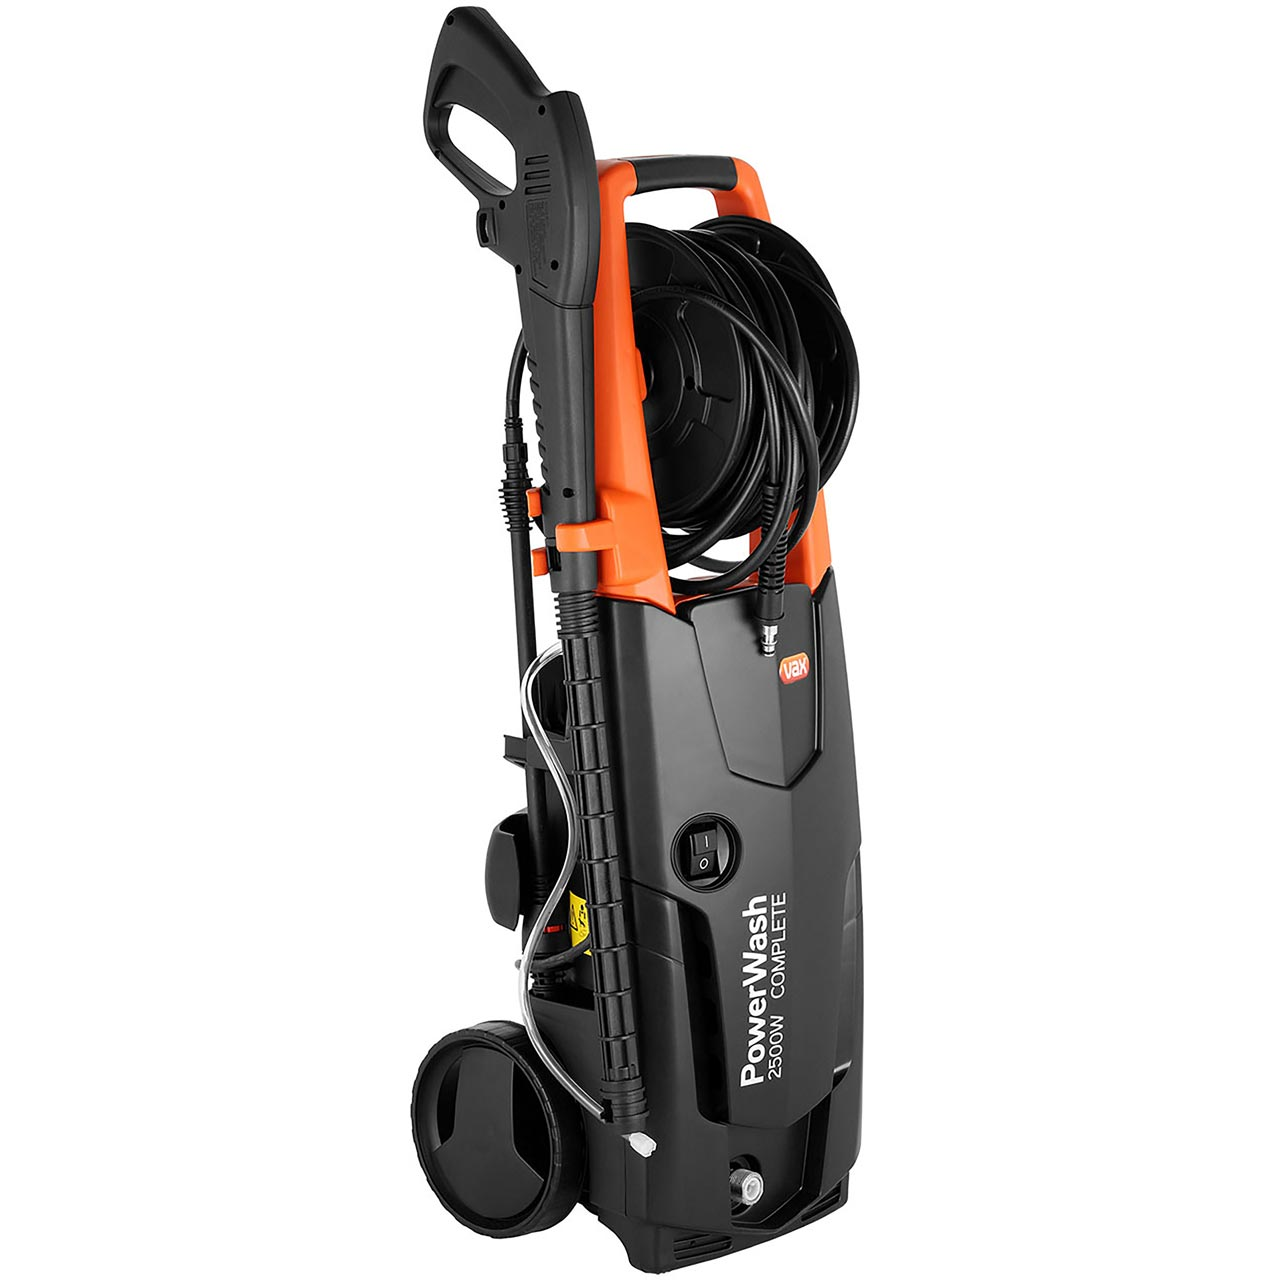 Vax PowerWash P86-P4-T 2500 Watt Pressure Washer review